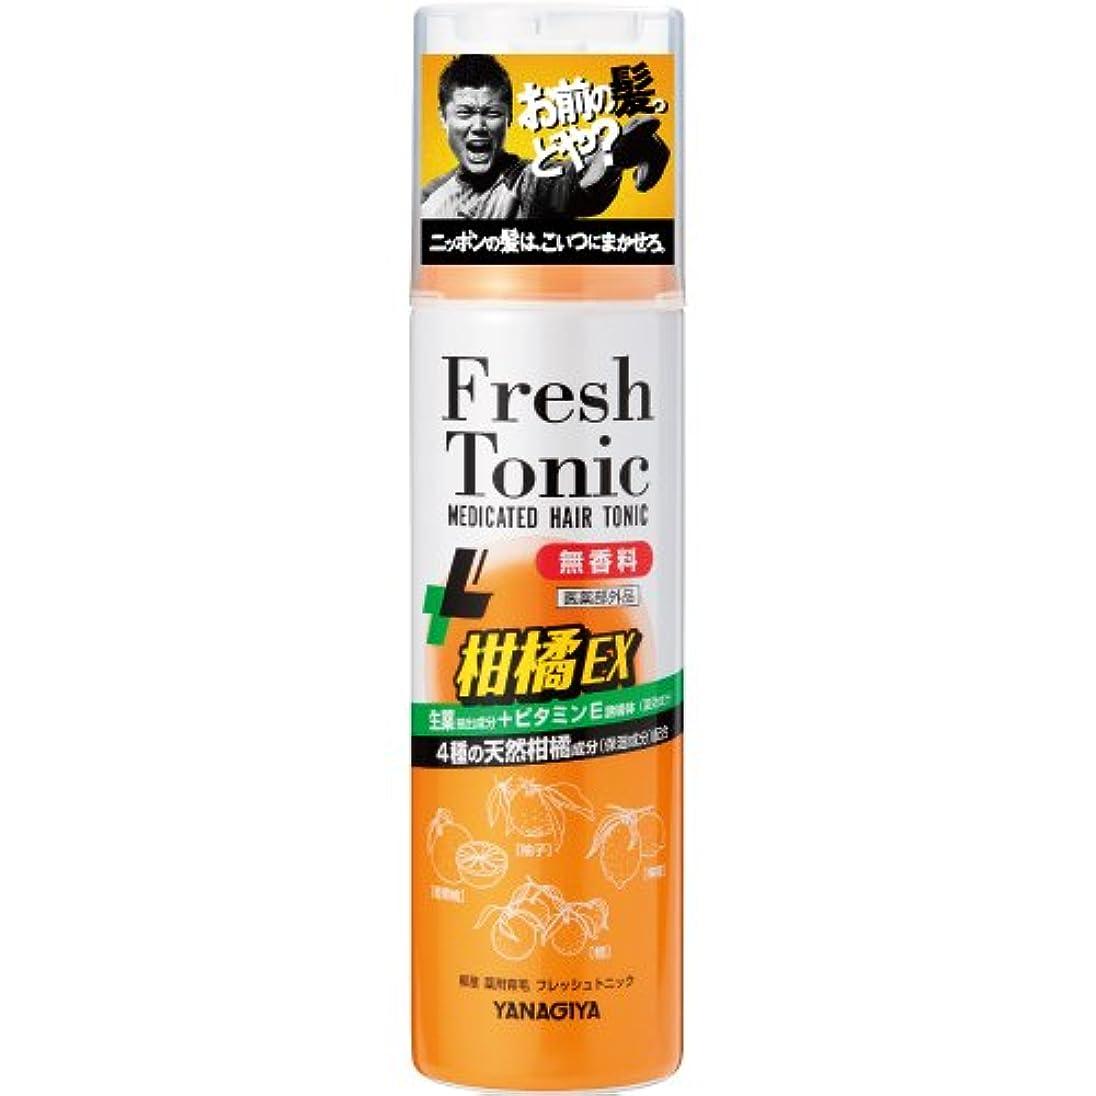 リンケージ時折イル柳屋 薬用育毛 フレッシュトニック 柑橘EX <無香料> 190g